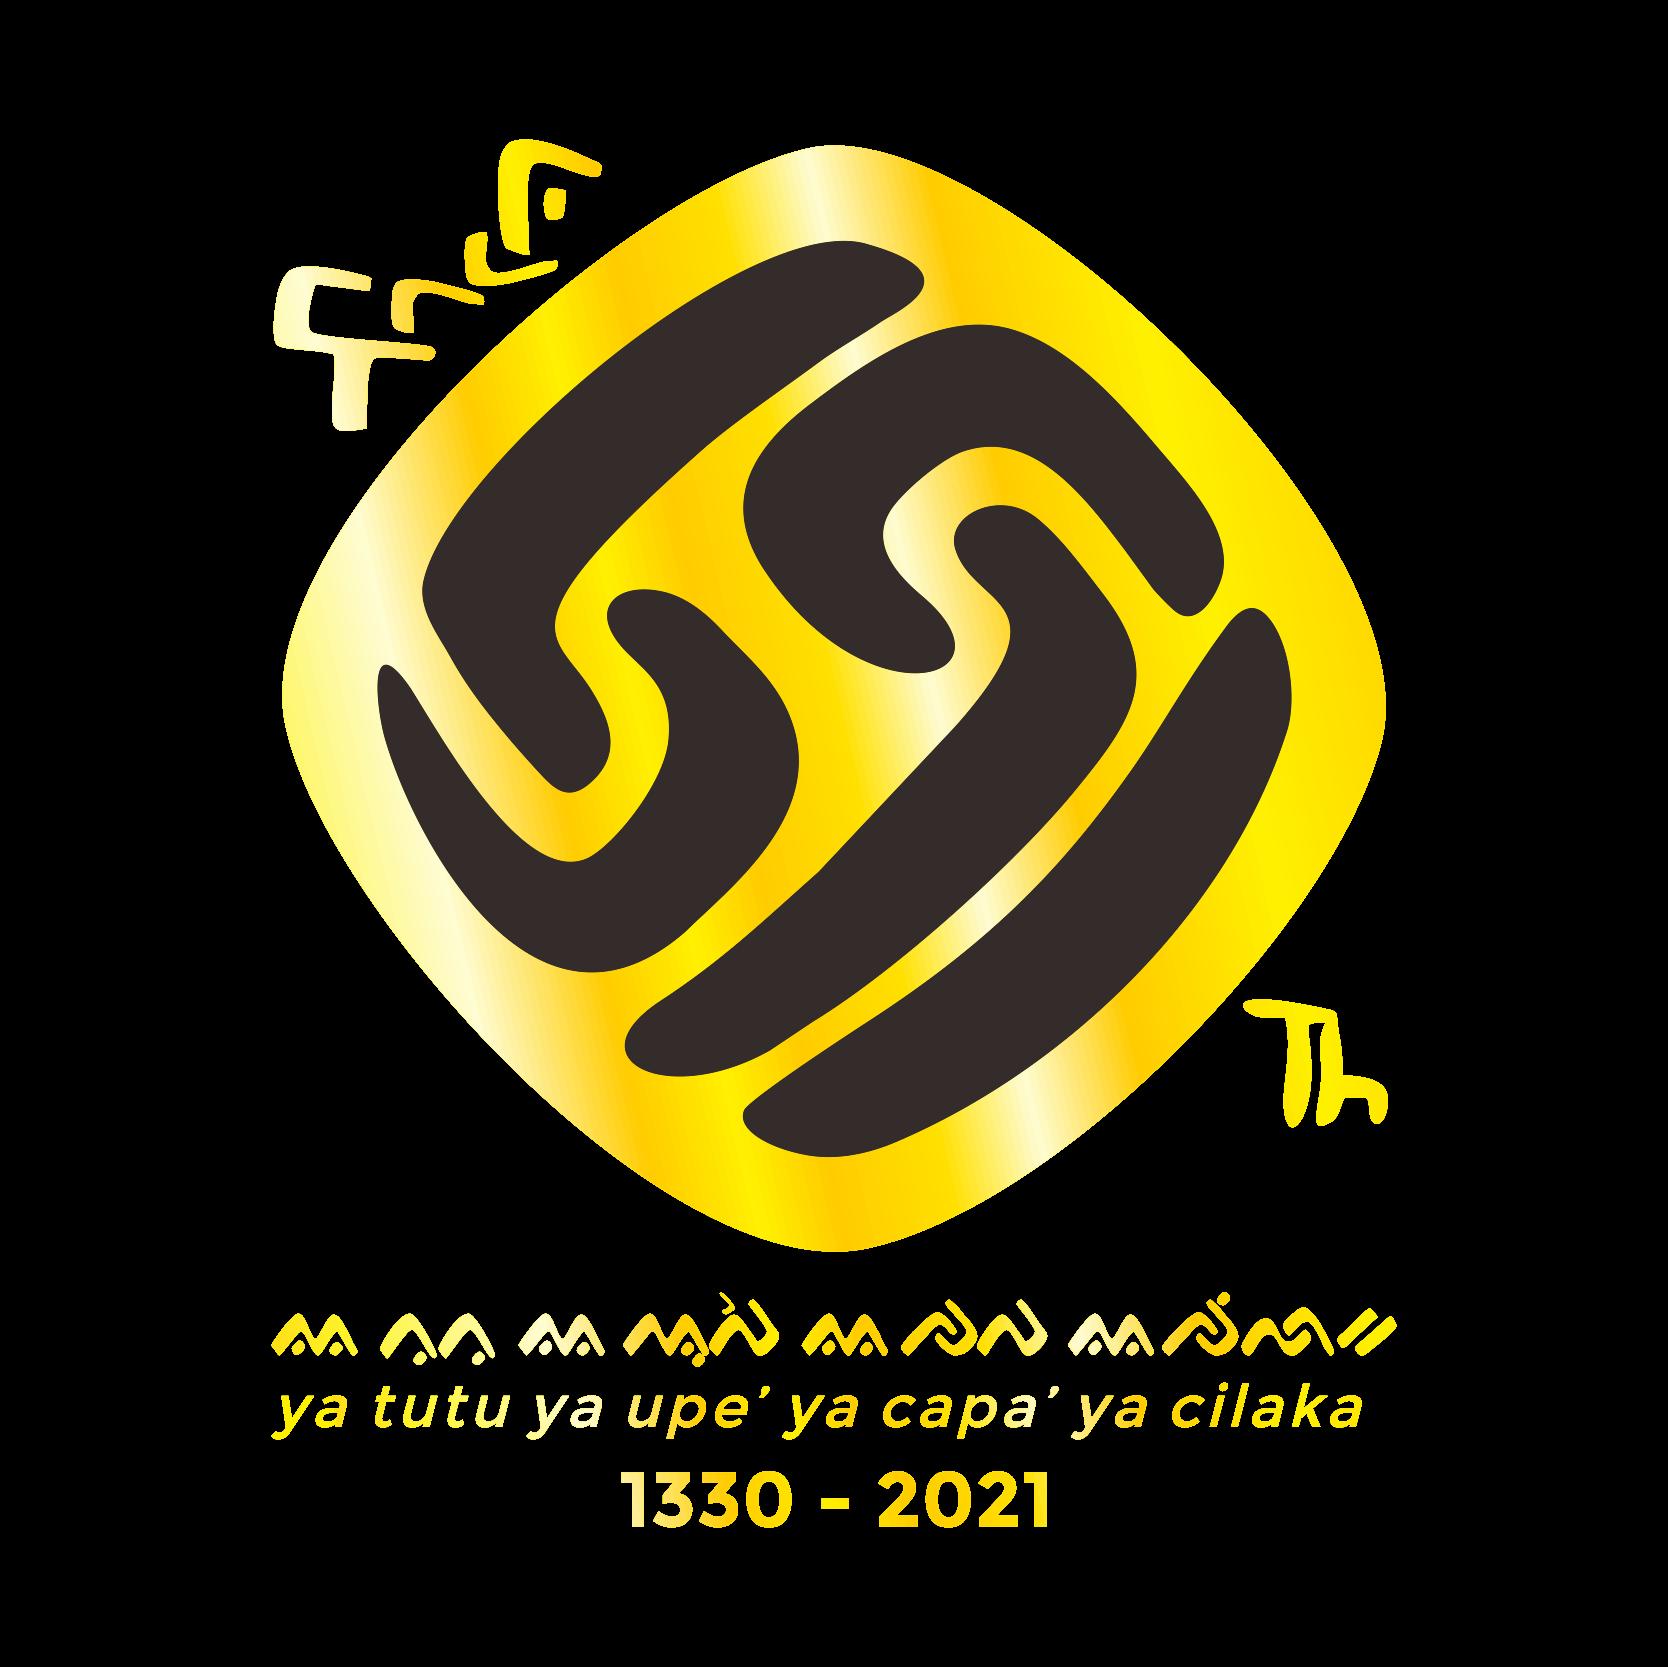 Logo dan Tema Hari Jadi Bone HJB ke-691 Tahun